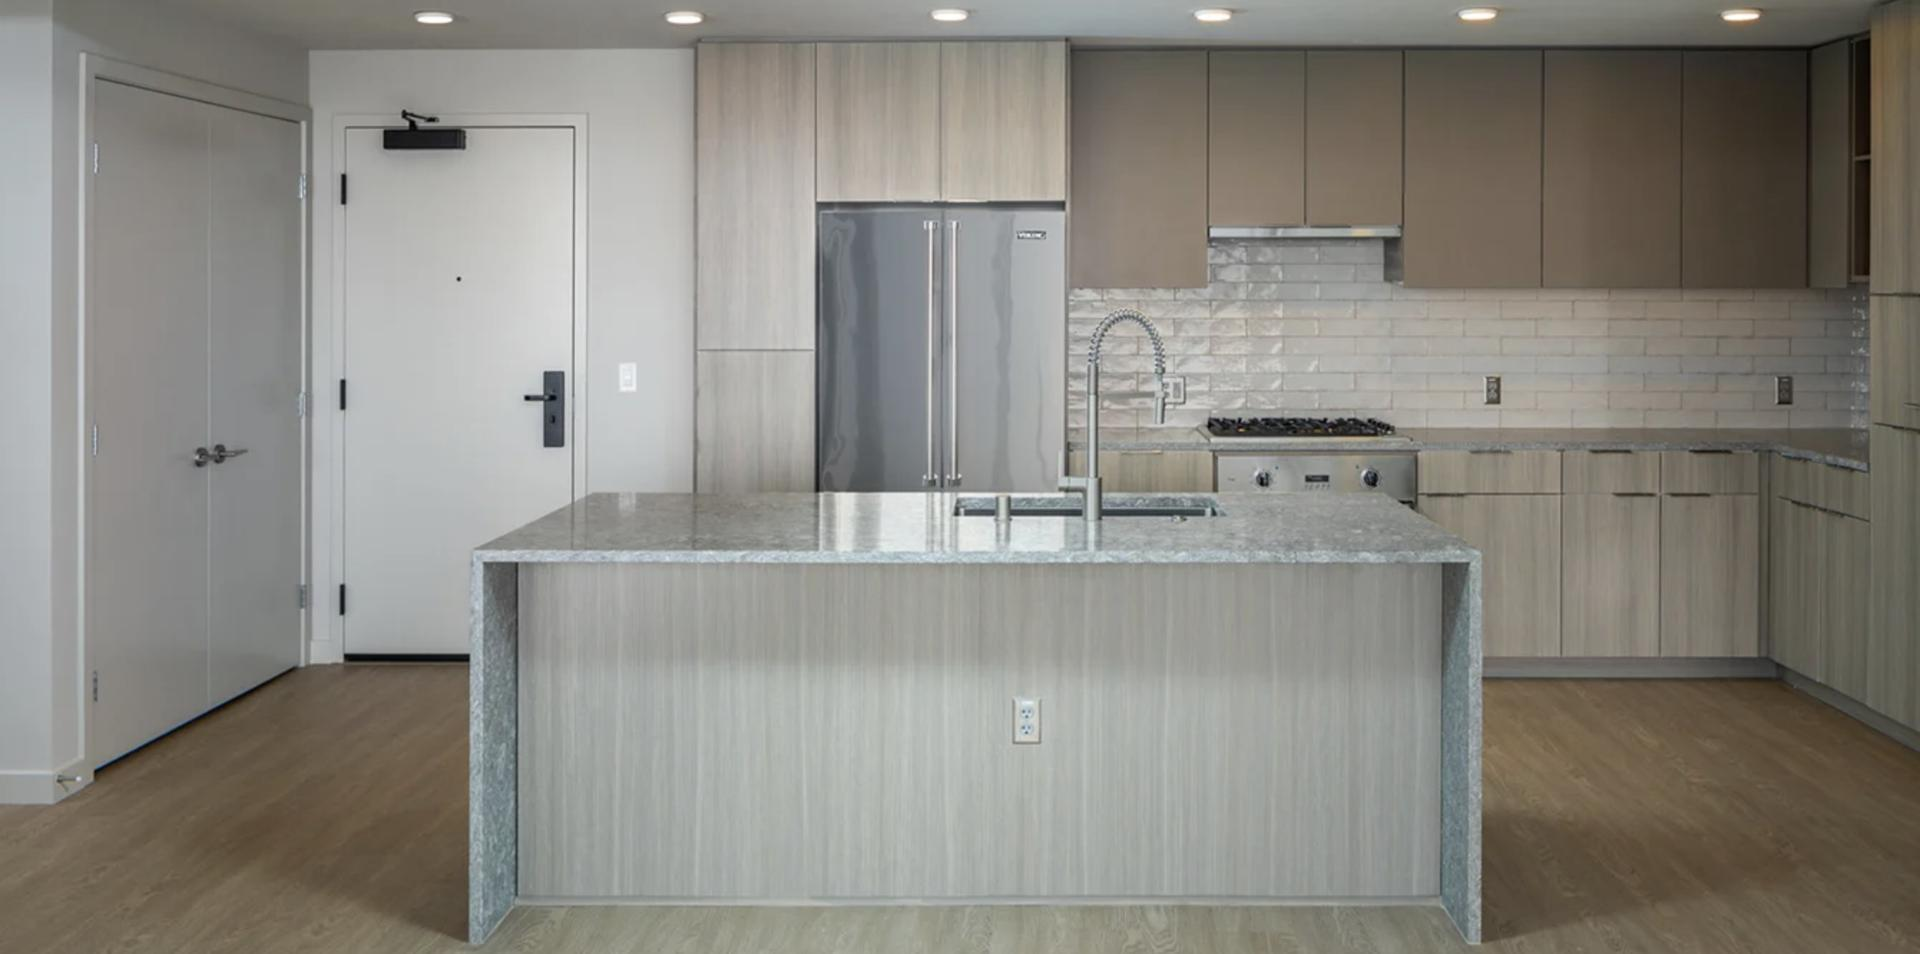 601 11th Avenue #2413, San Diego, CA - $4,425 USD/ month